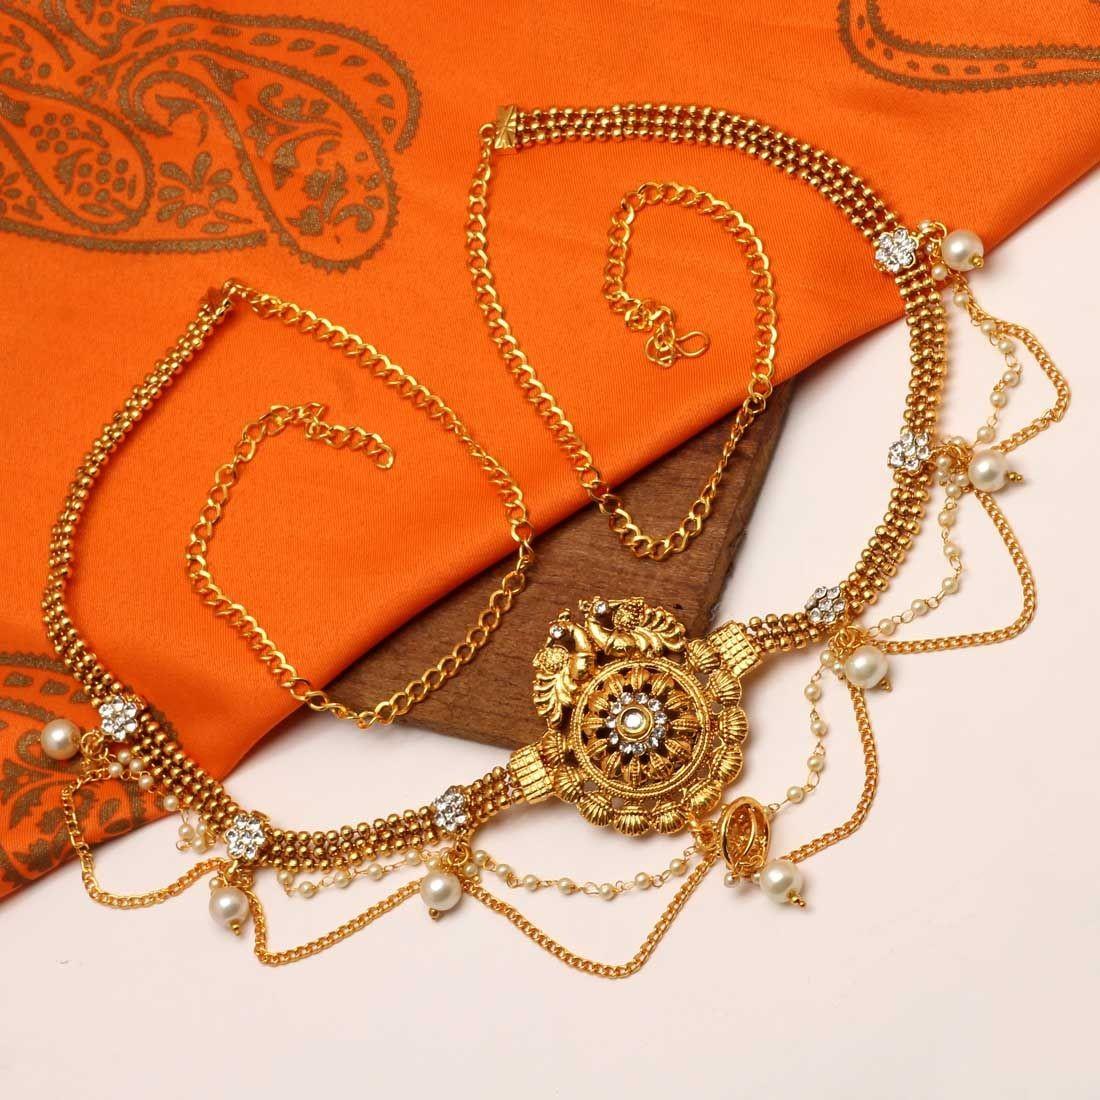 Cinturón hindu dorado